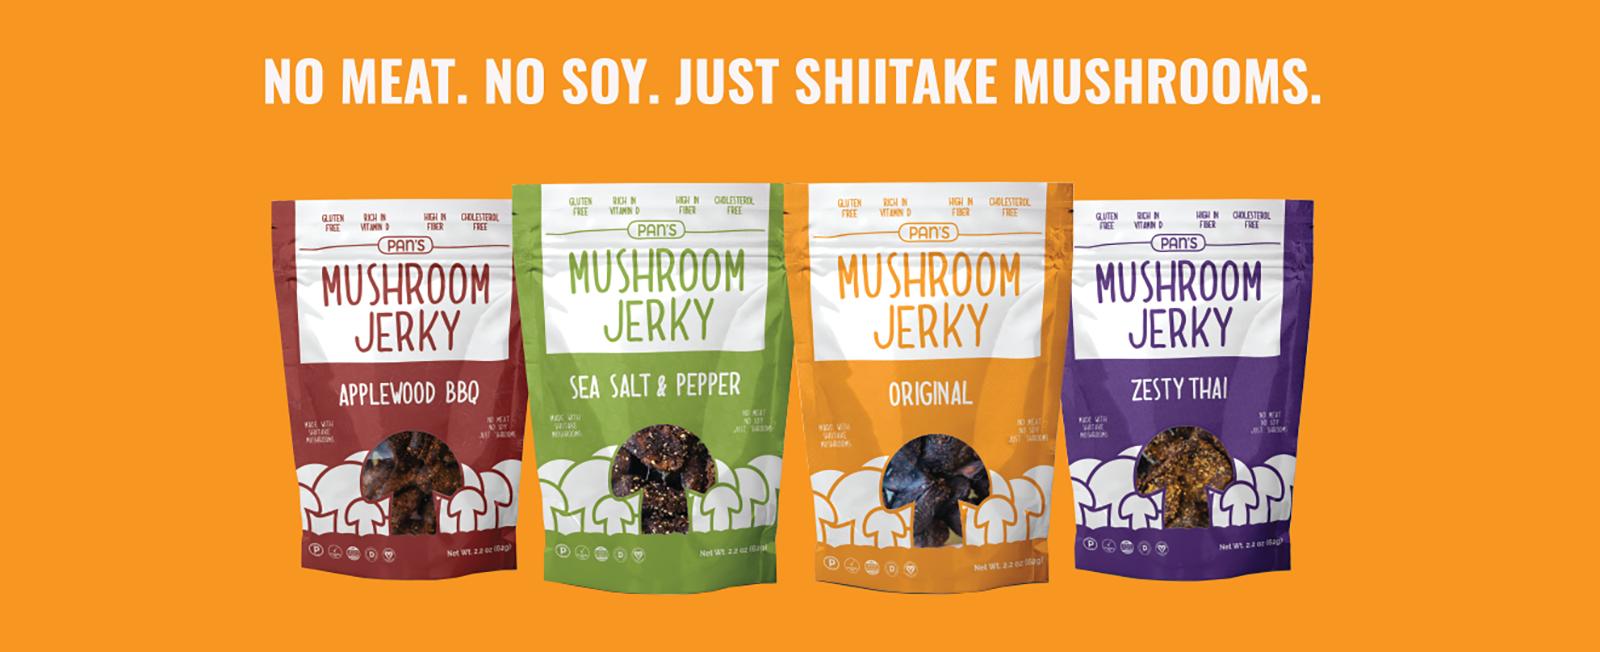 Vegan and Vegetarian Mushroom Jerky Pan's Mushroom Jerky